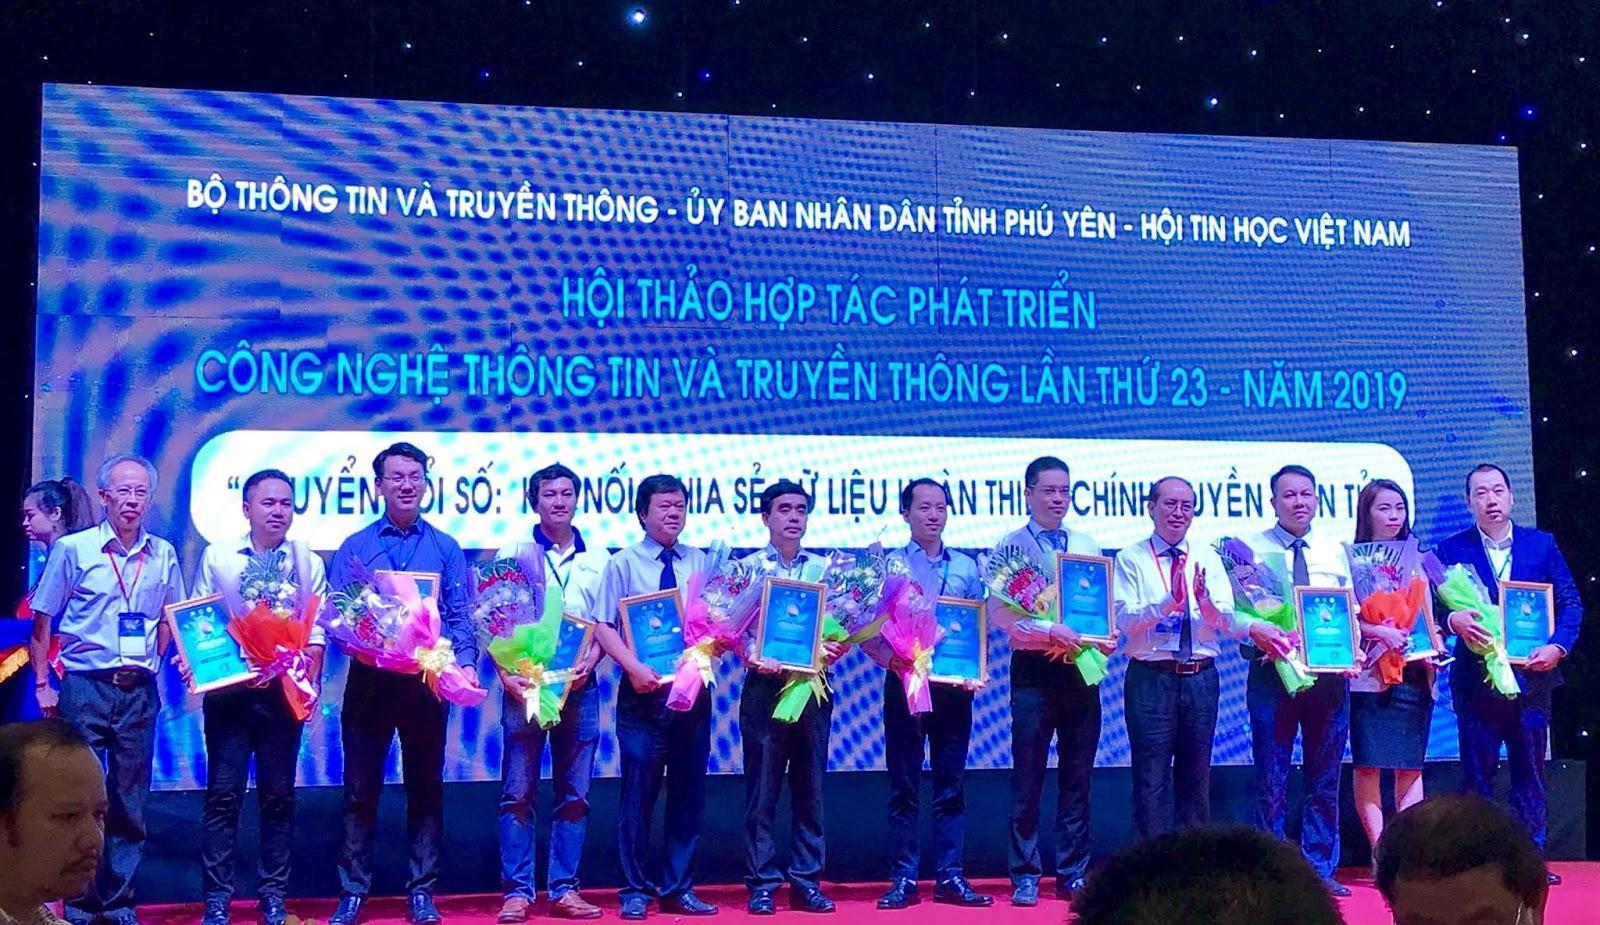 Hội thảo hợp tác phát triển CNTT-TT Việt Nam lần thứ 23 năm 2019 - 4